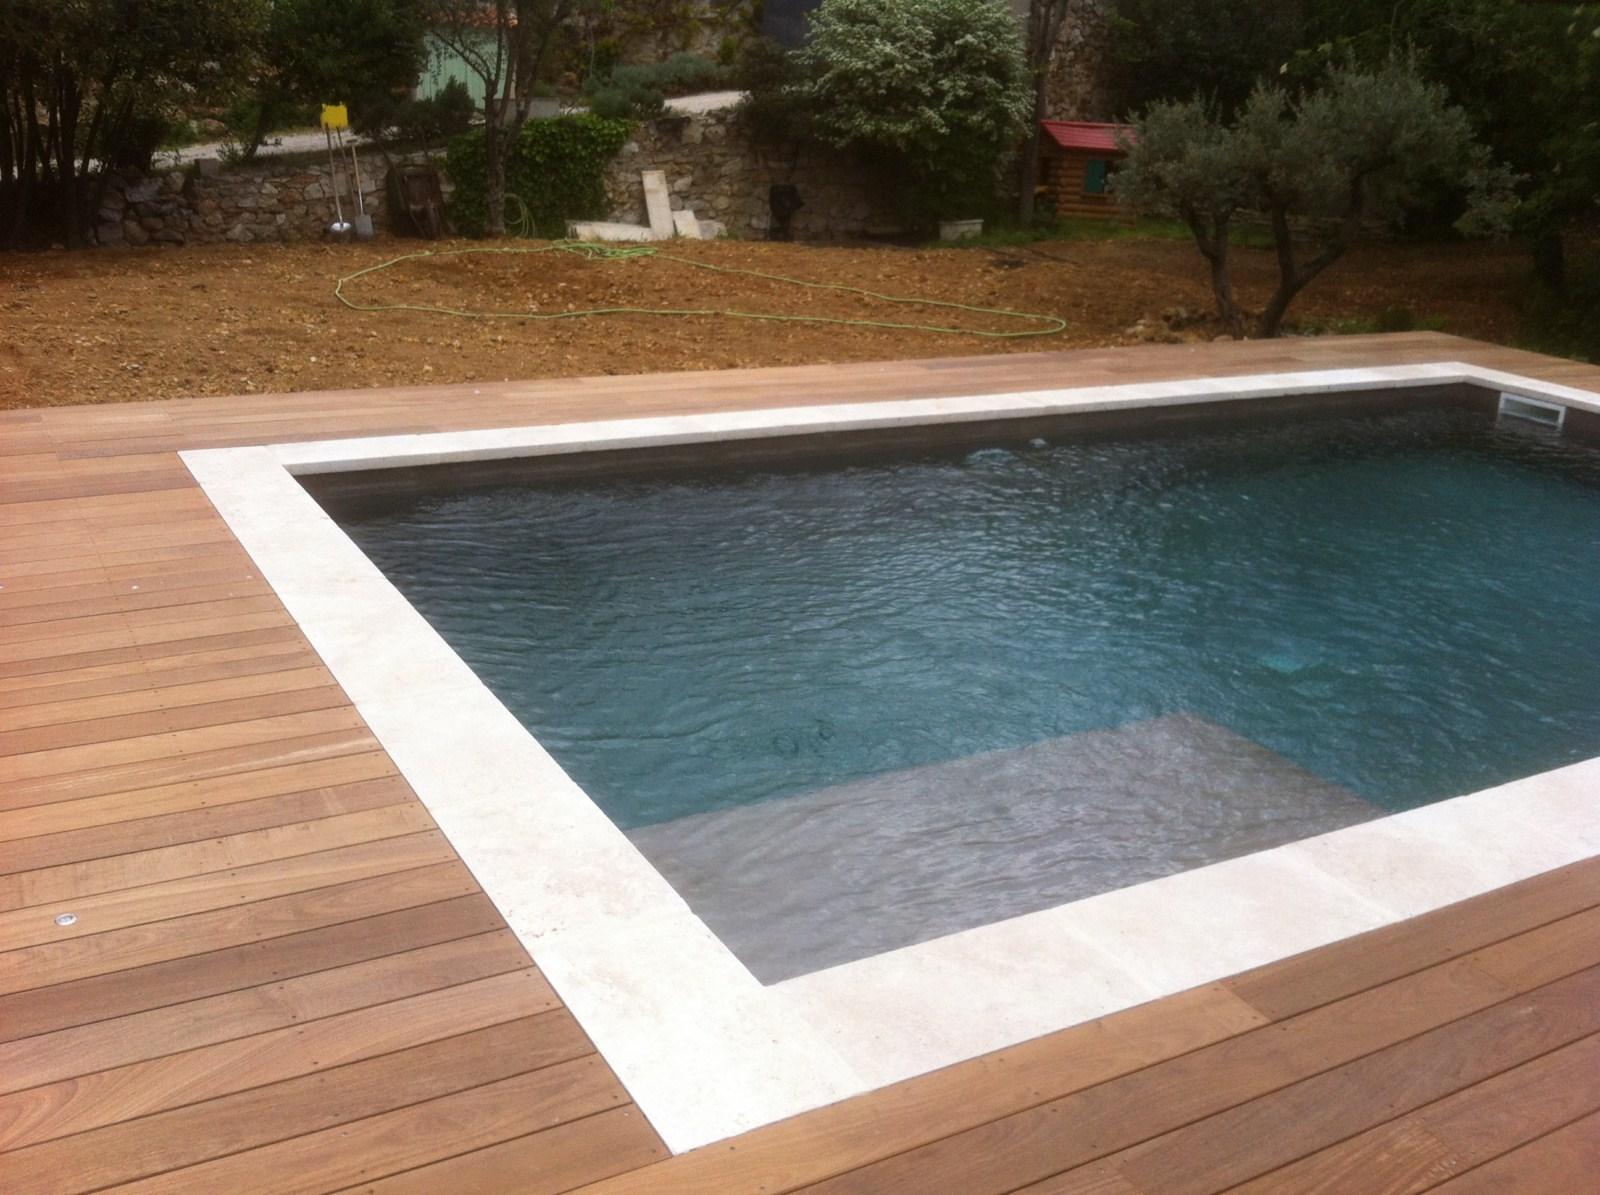 Agencement d 39 un tour de piscine en bois exotique ipe les terrasses du bois - Tour de piscine en bois ...